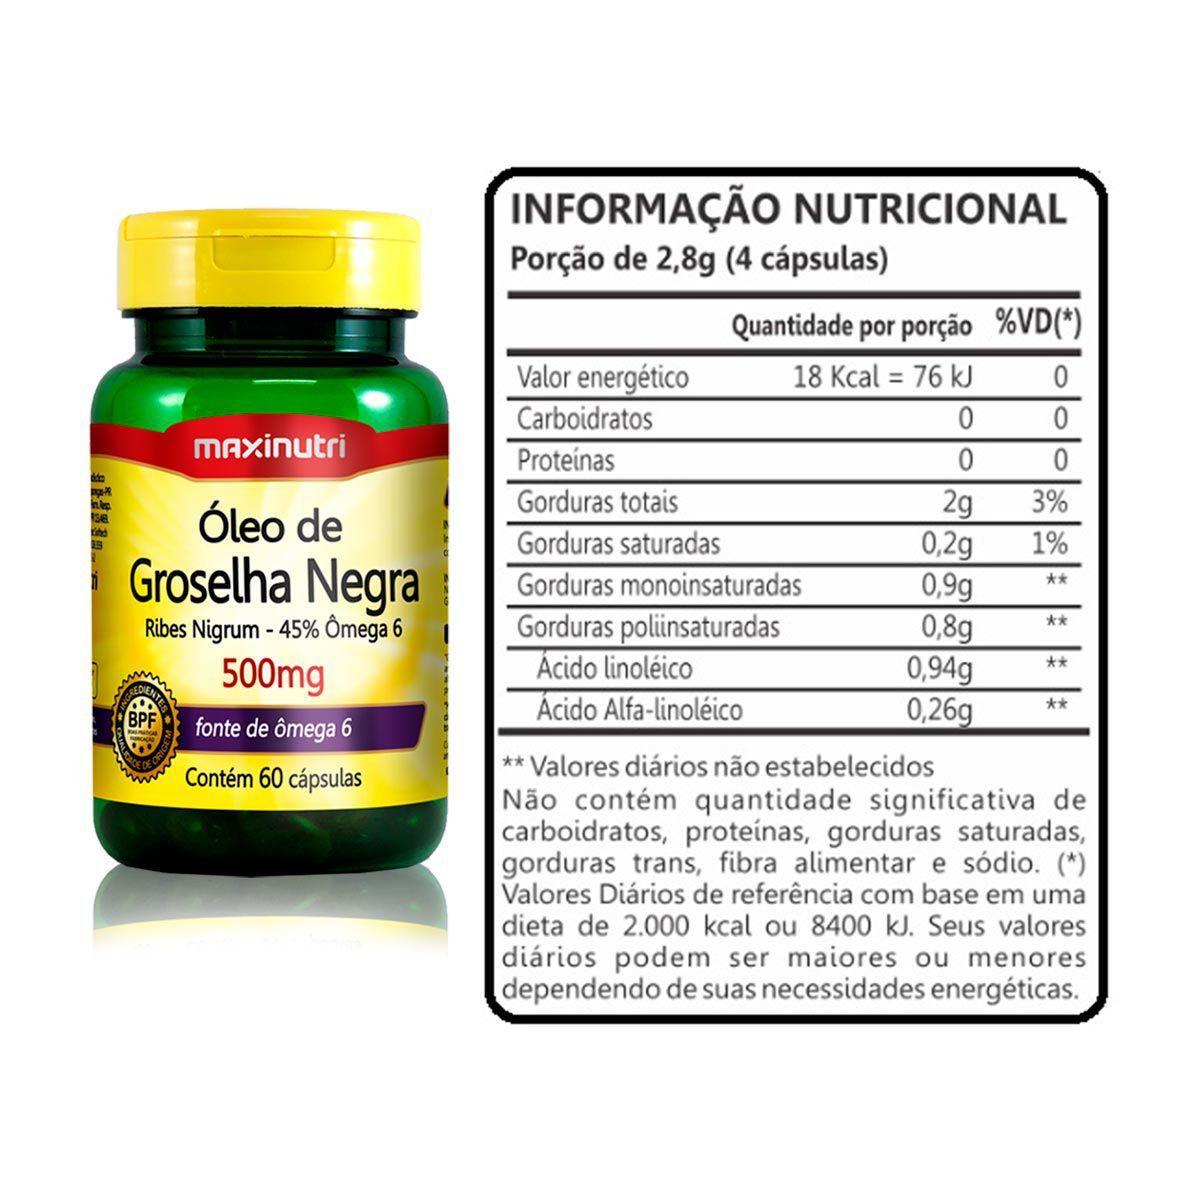 3x Óleo de Groselha Negra 500mg 60 Cápsulas + Porta Cápsulas - Maxinutri